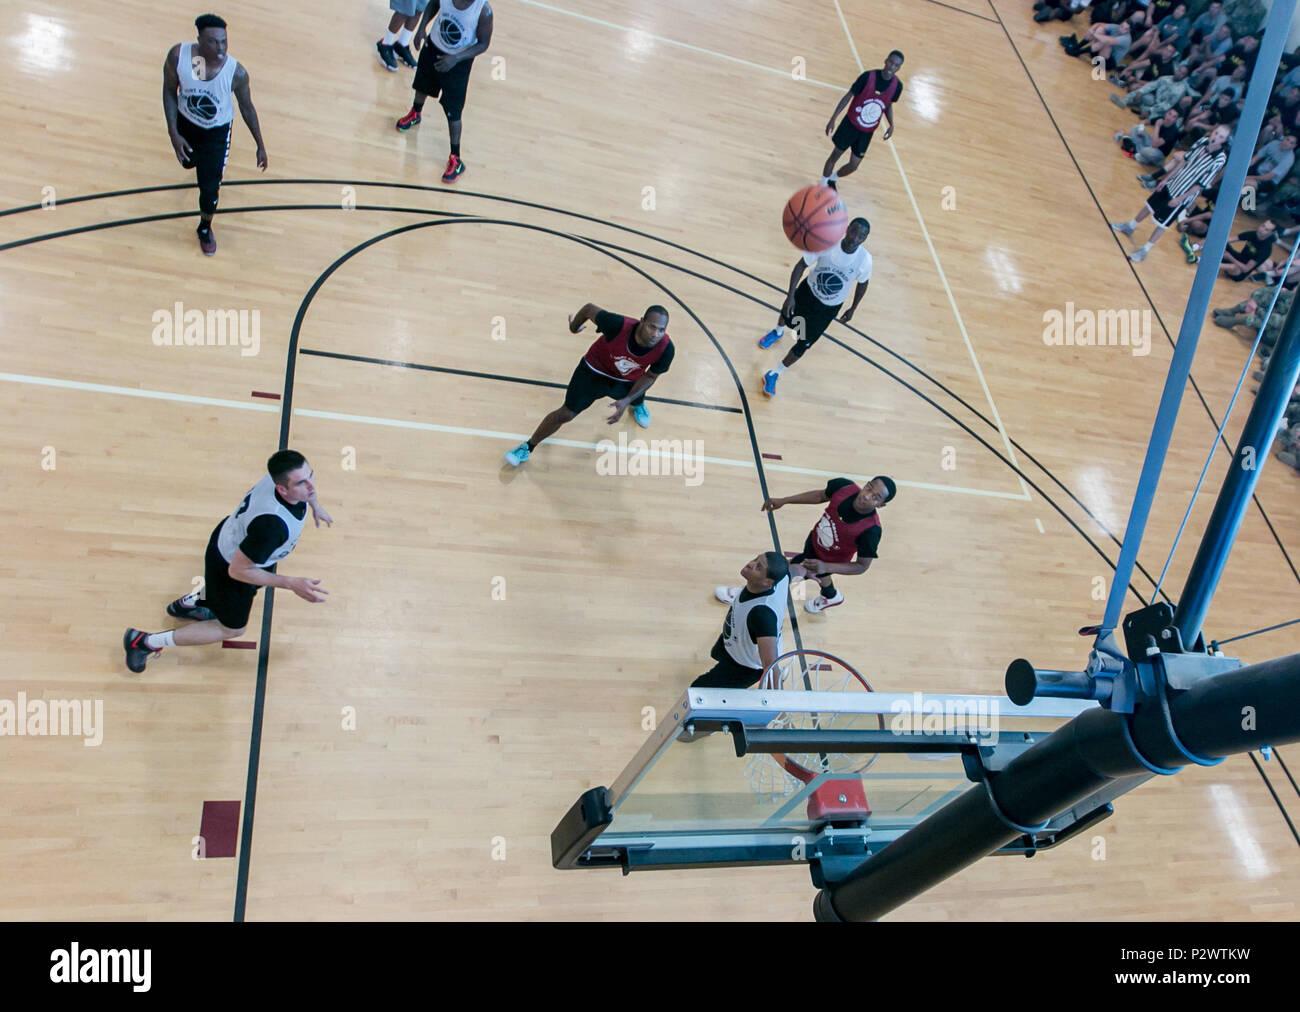 Wunderbar Basketball Bilderrahmen Fotos - Benutzerdefinierte ...